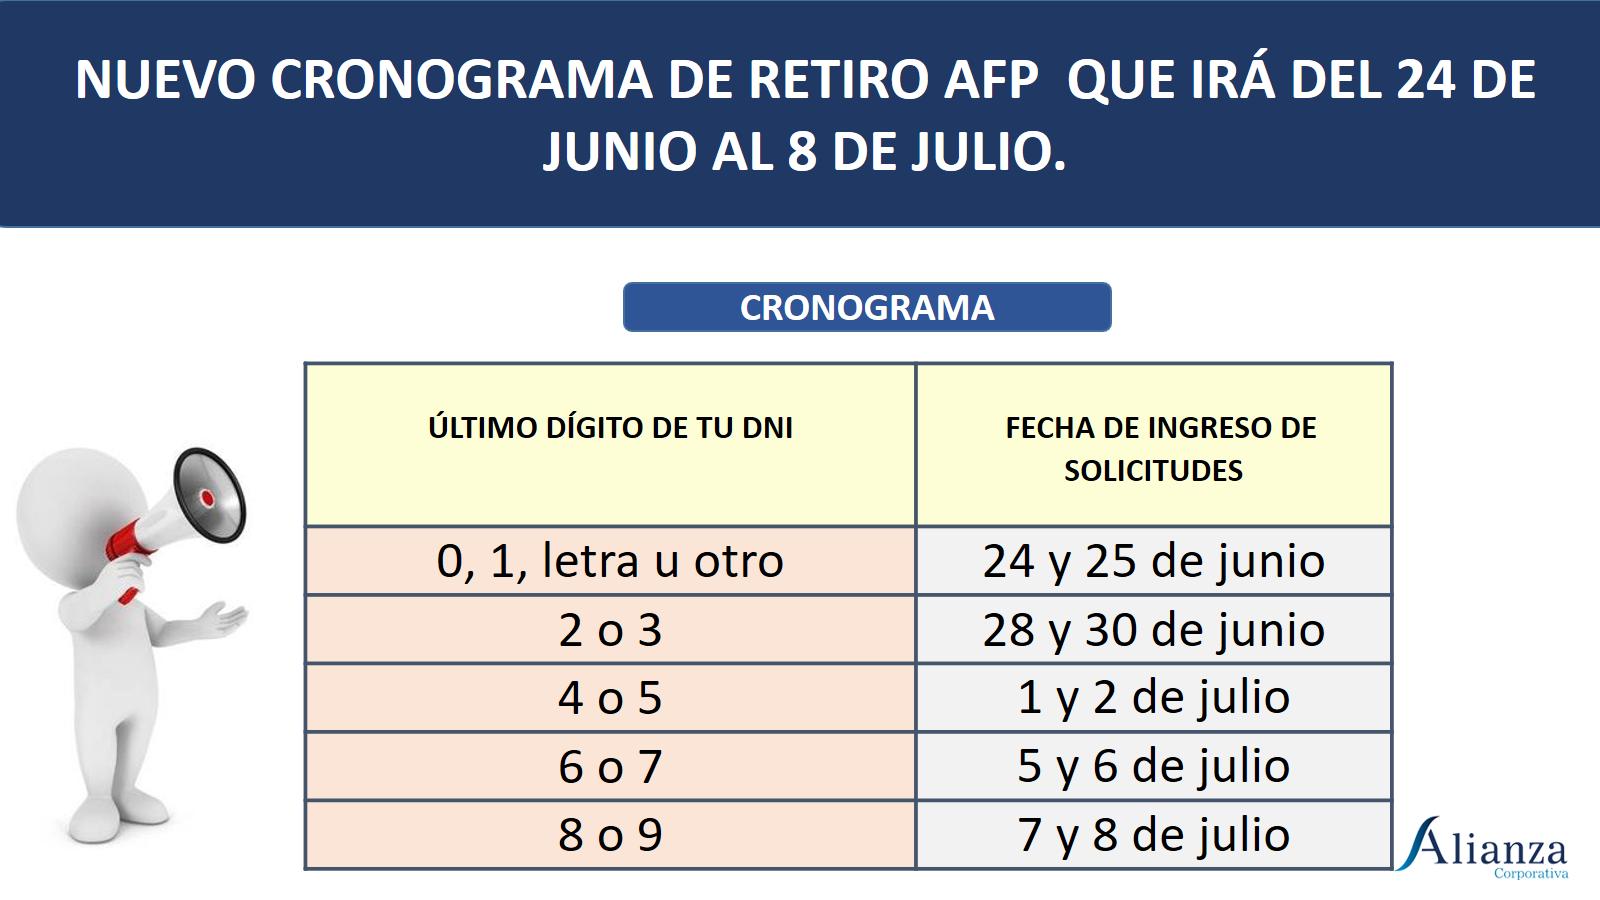 AFP: ¿CÓMO HACER EL RETIRO DE S/ 17,600 SI SE TE PASÓ LA FECHA ESTABLECIDA EN EL CRONOGRAMA?